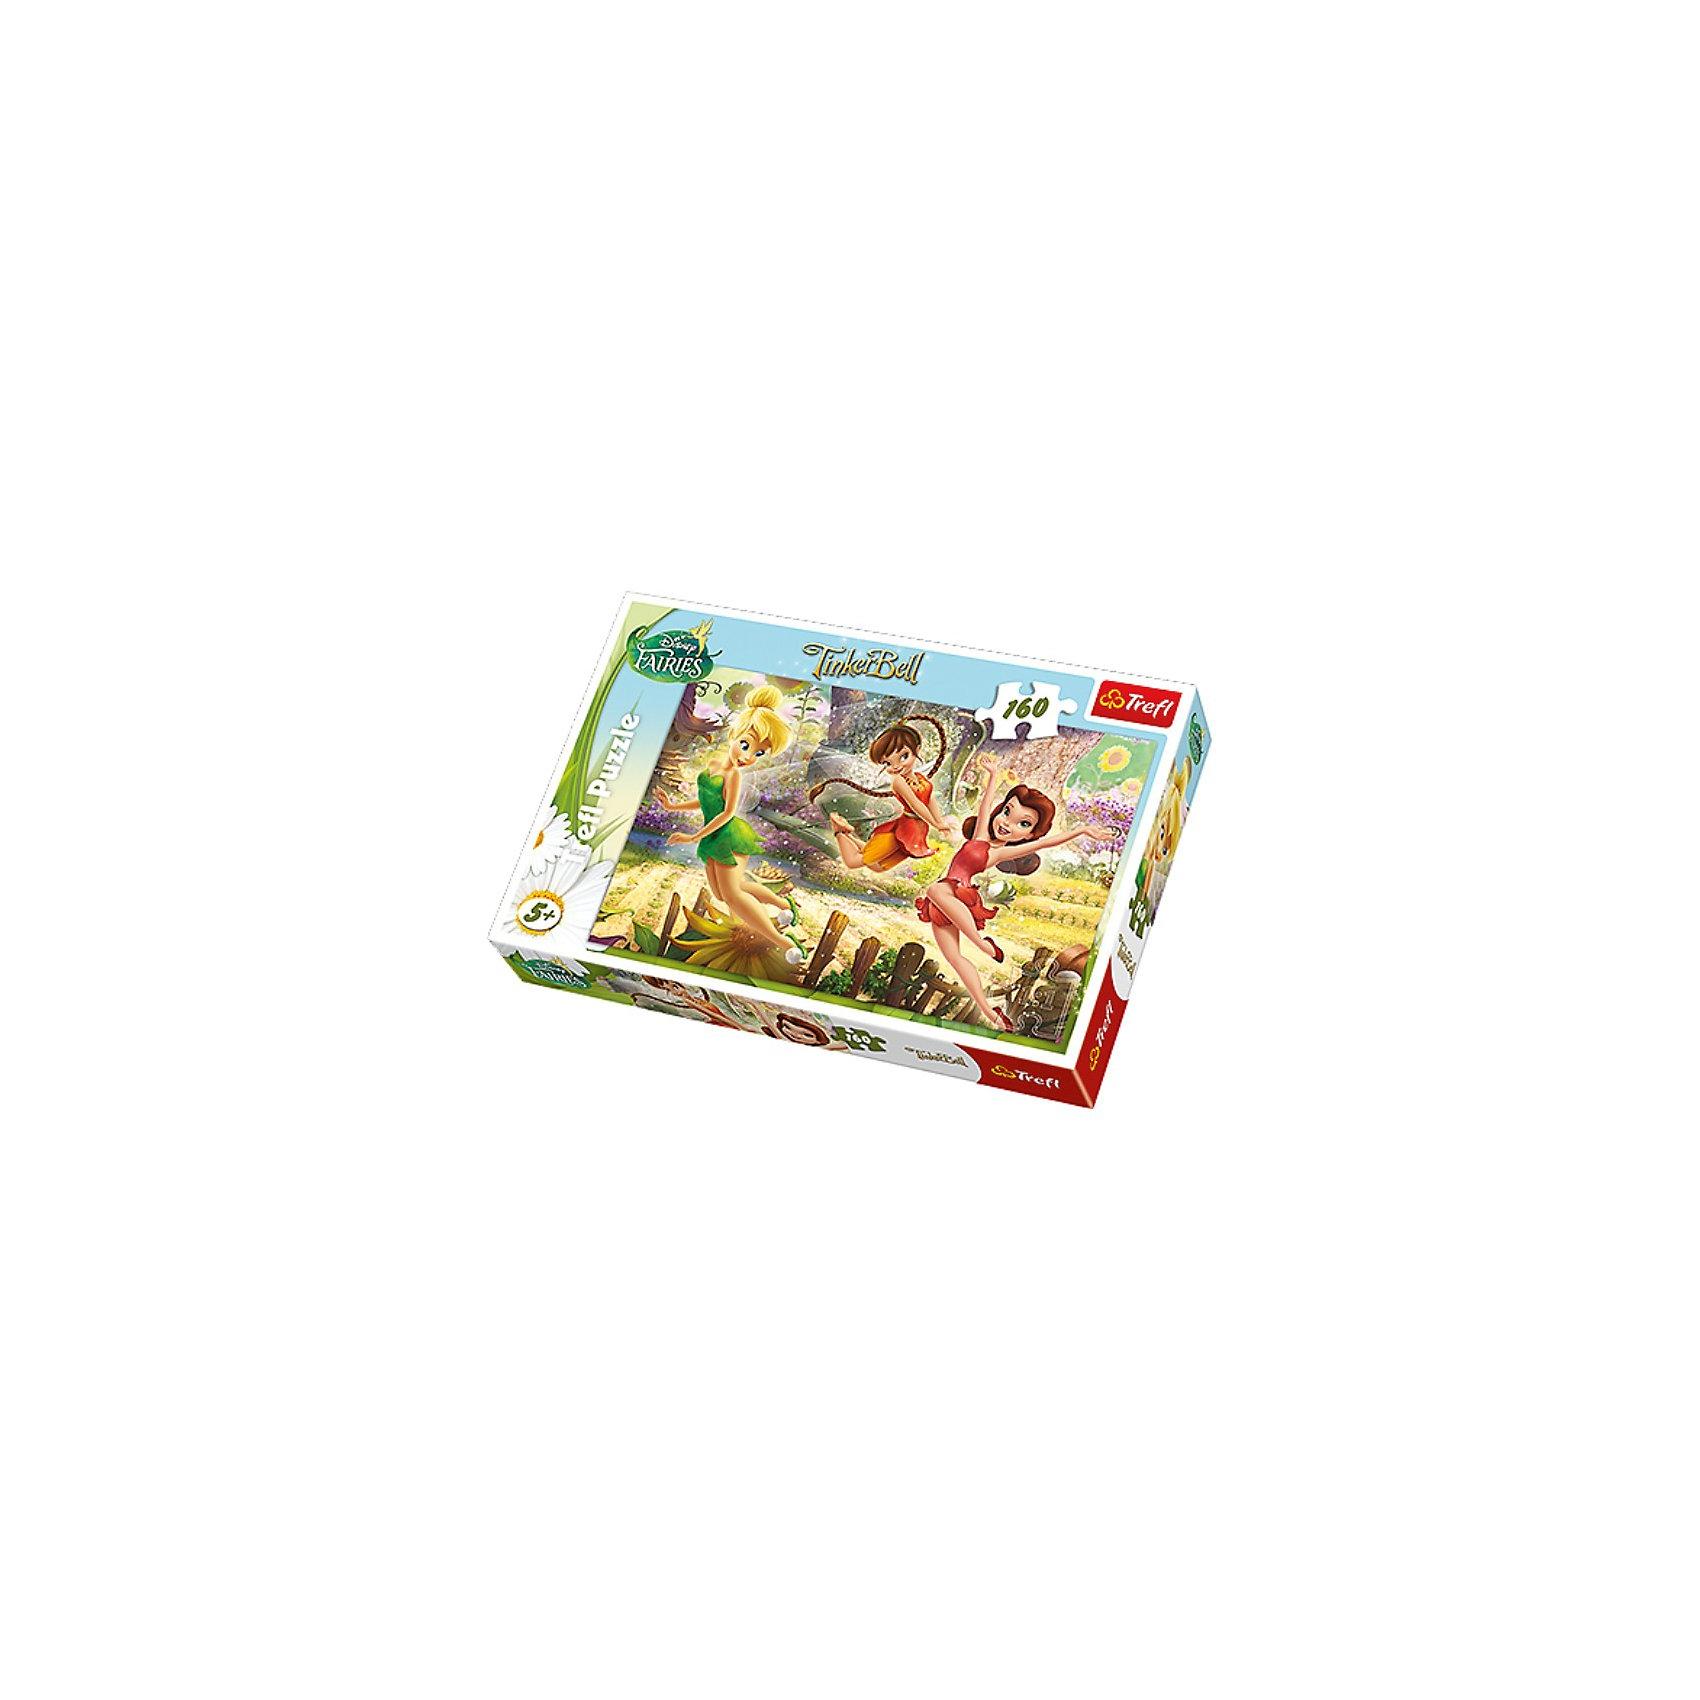 Пазлы «Игра Фей», 160 элементов, TreflПазлы для детей постарше<br>Количество деталей: 160 штук. <br>Размер сложенного изображения: 41х27,8 см. <br>Размер коробки: 28,8х19,3х4,1 см. <br>Очаровательные феи – Динь-Динь и ее подружки резвятся в волшебном лесу, полном удивительных цветов и солнечного света. Этот пазл нравится всем девочкам старше 5 лет, ведь собирать мозаику с изображением любимых героинь – так увлекательно!  Пазл «Феи веселятся» выполнен по официальной лицензии студии Disney. <br>Игра выпущена польским брендом Trefl, известным своими пазлами во всем мире. Дело в том, что это пазлы высочайшего качества, изготавливающиеся из каландрированной бумаги, что позволяет приобрести им невероятную гладкость и яркие насыщенные цвета, которые не стираются со временем. Кроме того, это экологически чистая продукция, не способная нанести вреда ребенку и окружающей среде.<br><br>Ширина мм: 287<br>Глубина мм: 198<br>Высота мм: 43<br>Вес г: 313<br>Возраст от месяцев: 84<br>Возраст до месяцев: 108<br>Пол: Женский<br>Возраст: Детский<br>Количество деталей: 160<br>SKU: 3522832